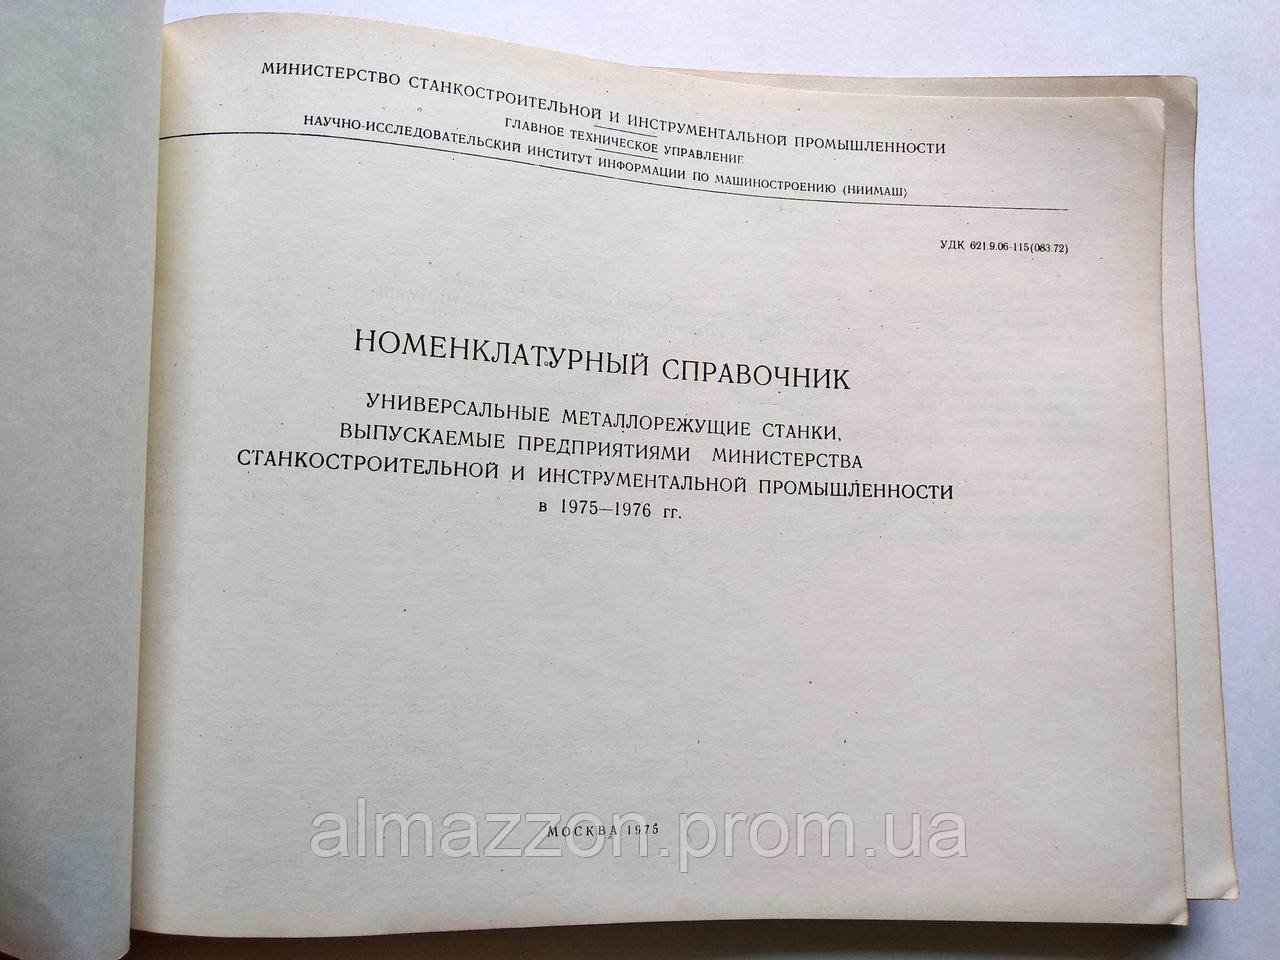 Номенклатурный справочник Универсальные металлорежущие станки, выпускаемые в 1975-1976 годах